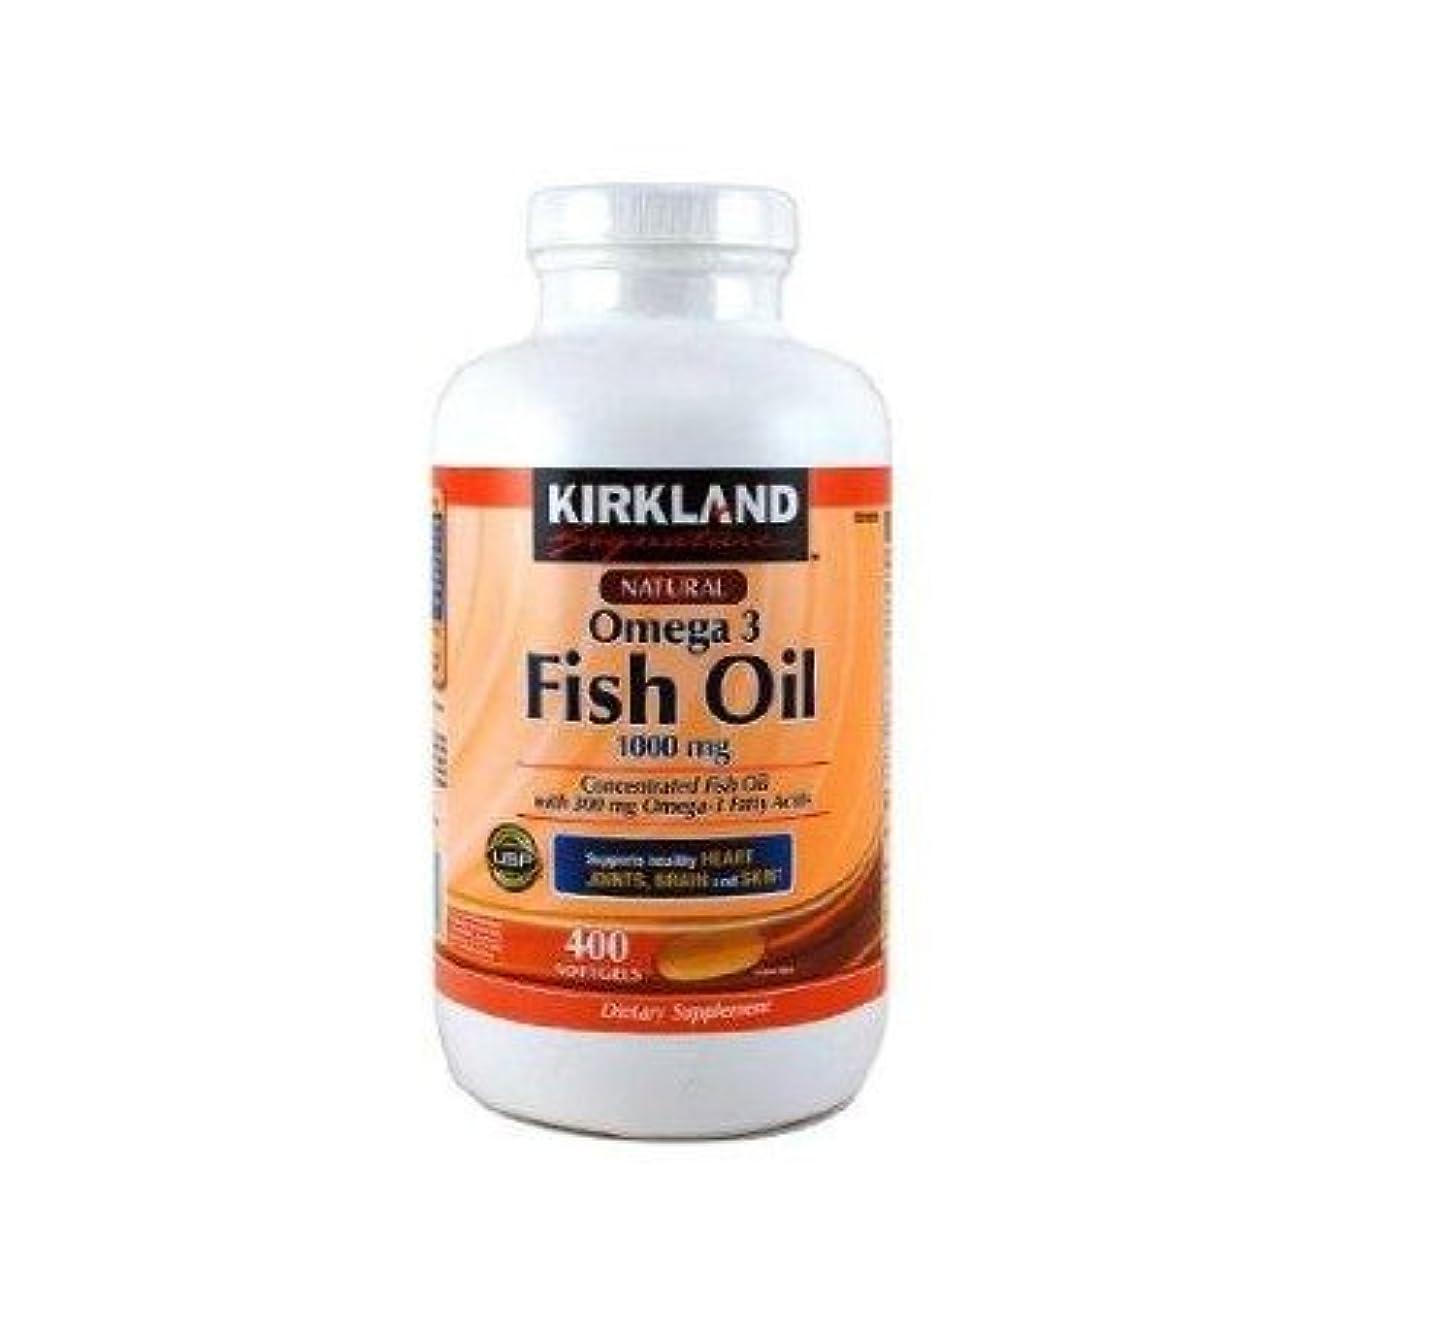 幻滅困った固執KIRKLAND社 フィッシュオイル (DHA+EPA) オメガ3 1000mg 400ソフトカプセル 2本 [並行輸入品] [海外直送品] Two KIRKLAND's Fish oil (DHA + EPA) omega-3 1000mg 400 soft capsules [parallel import goods] [overseas direct shipment product]